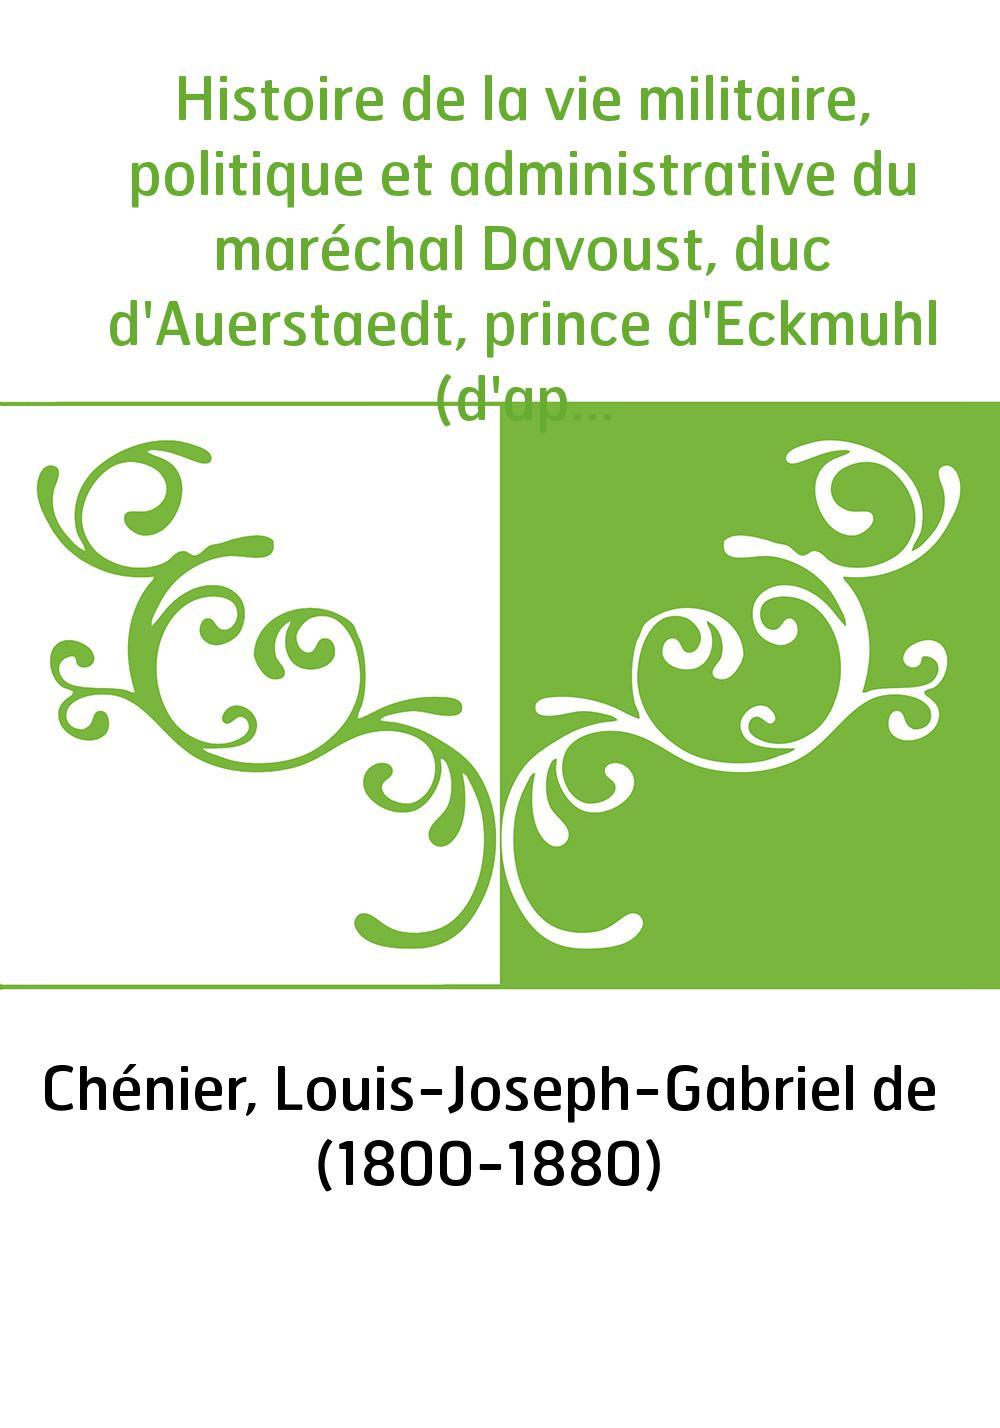 Histoire de la vie militaire, politique et administrative du maréchal Davoust, duc d'Auerstaedt, prince d'Eckmuhl (d'après les d